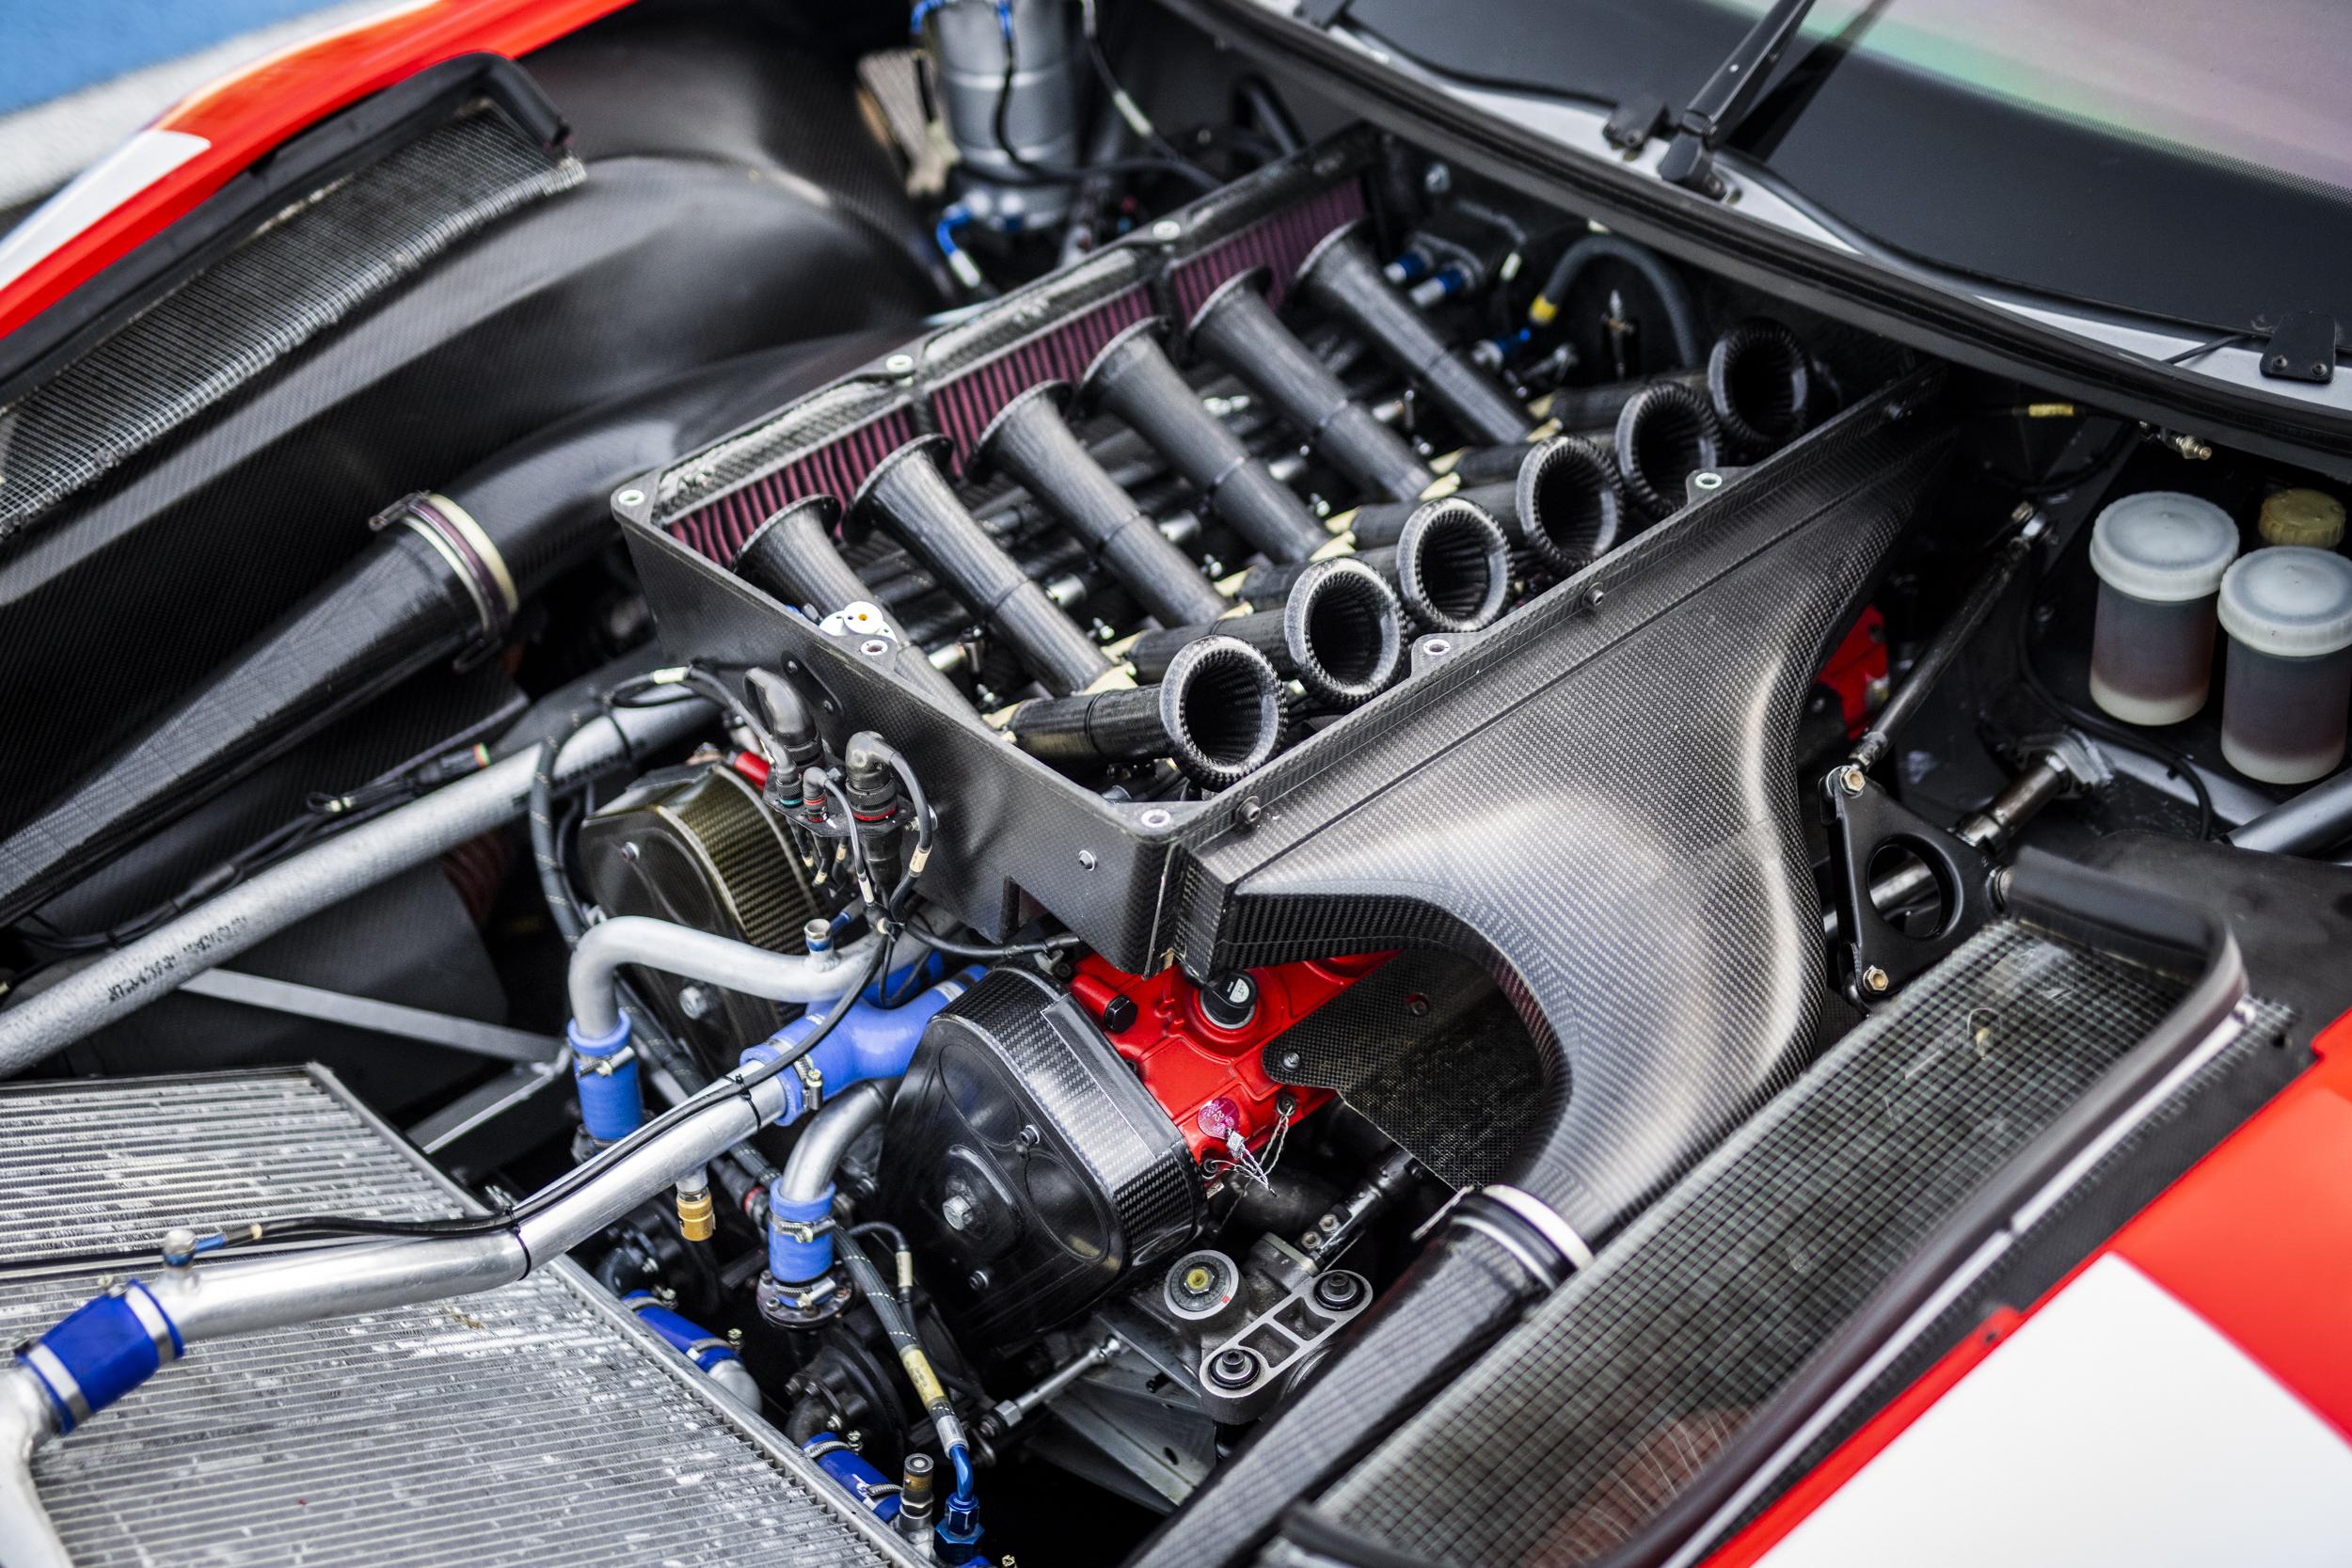 2001 Ferrari 550 GT1 Prodrive engine carbon fiber close up